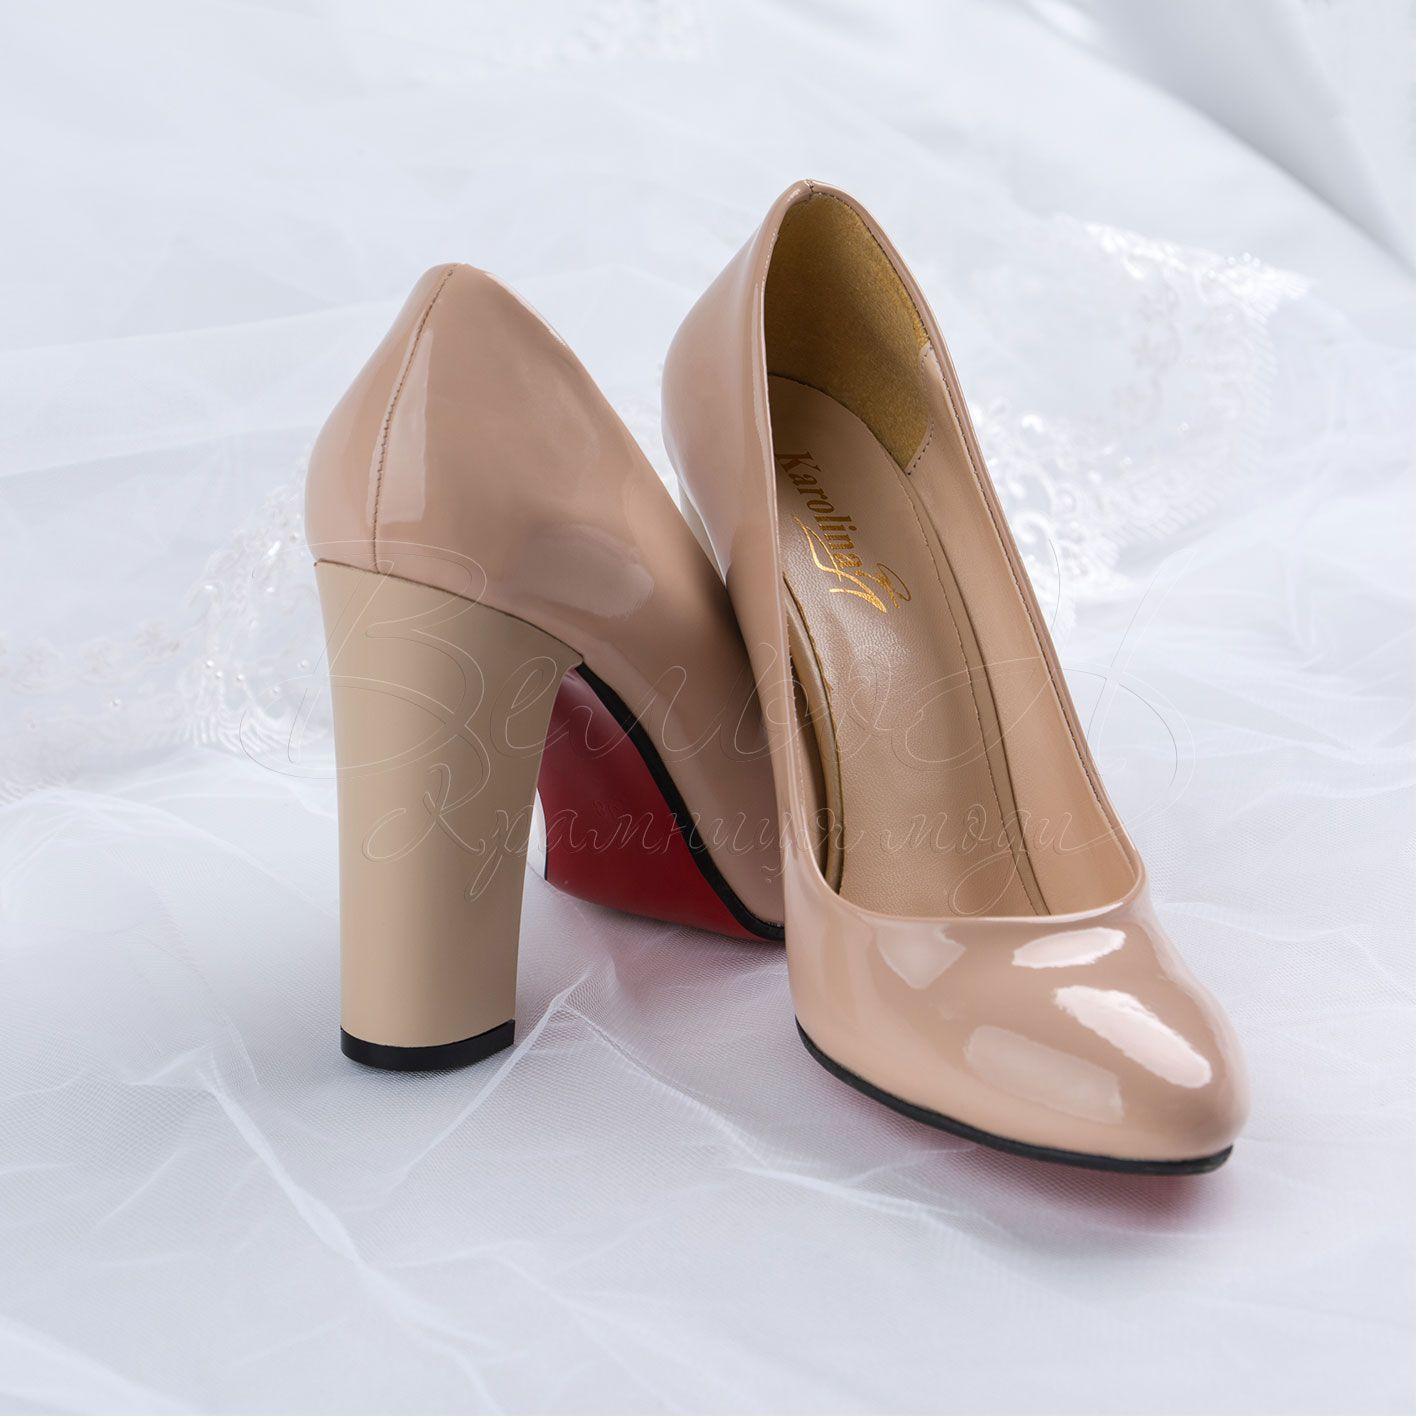 Свадебные туфли - купить обувь на свадьбу в Киеве в салоне Вельон 260b6b98401